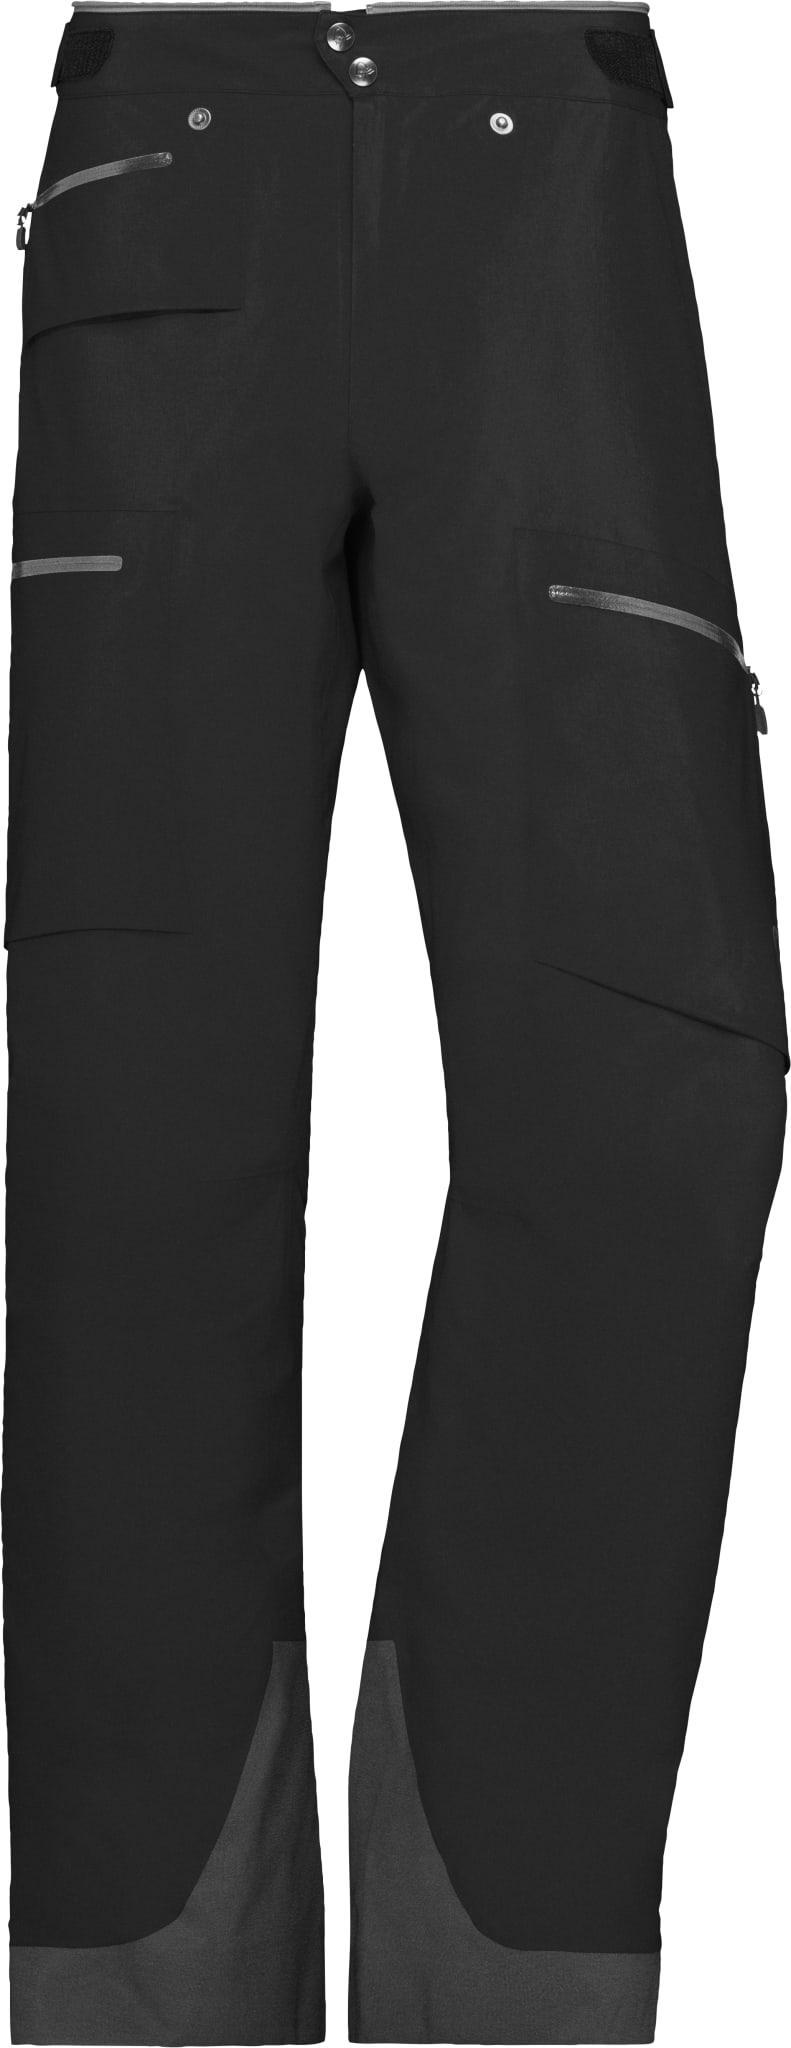 Lyngen GORE-TEX Pro Pants M